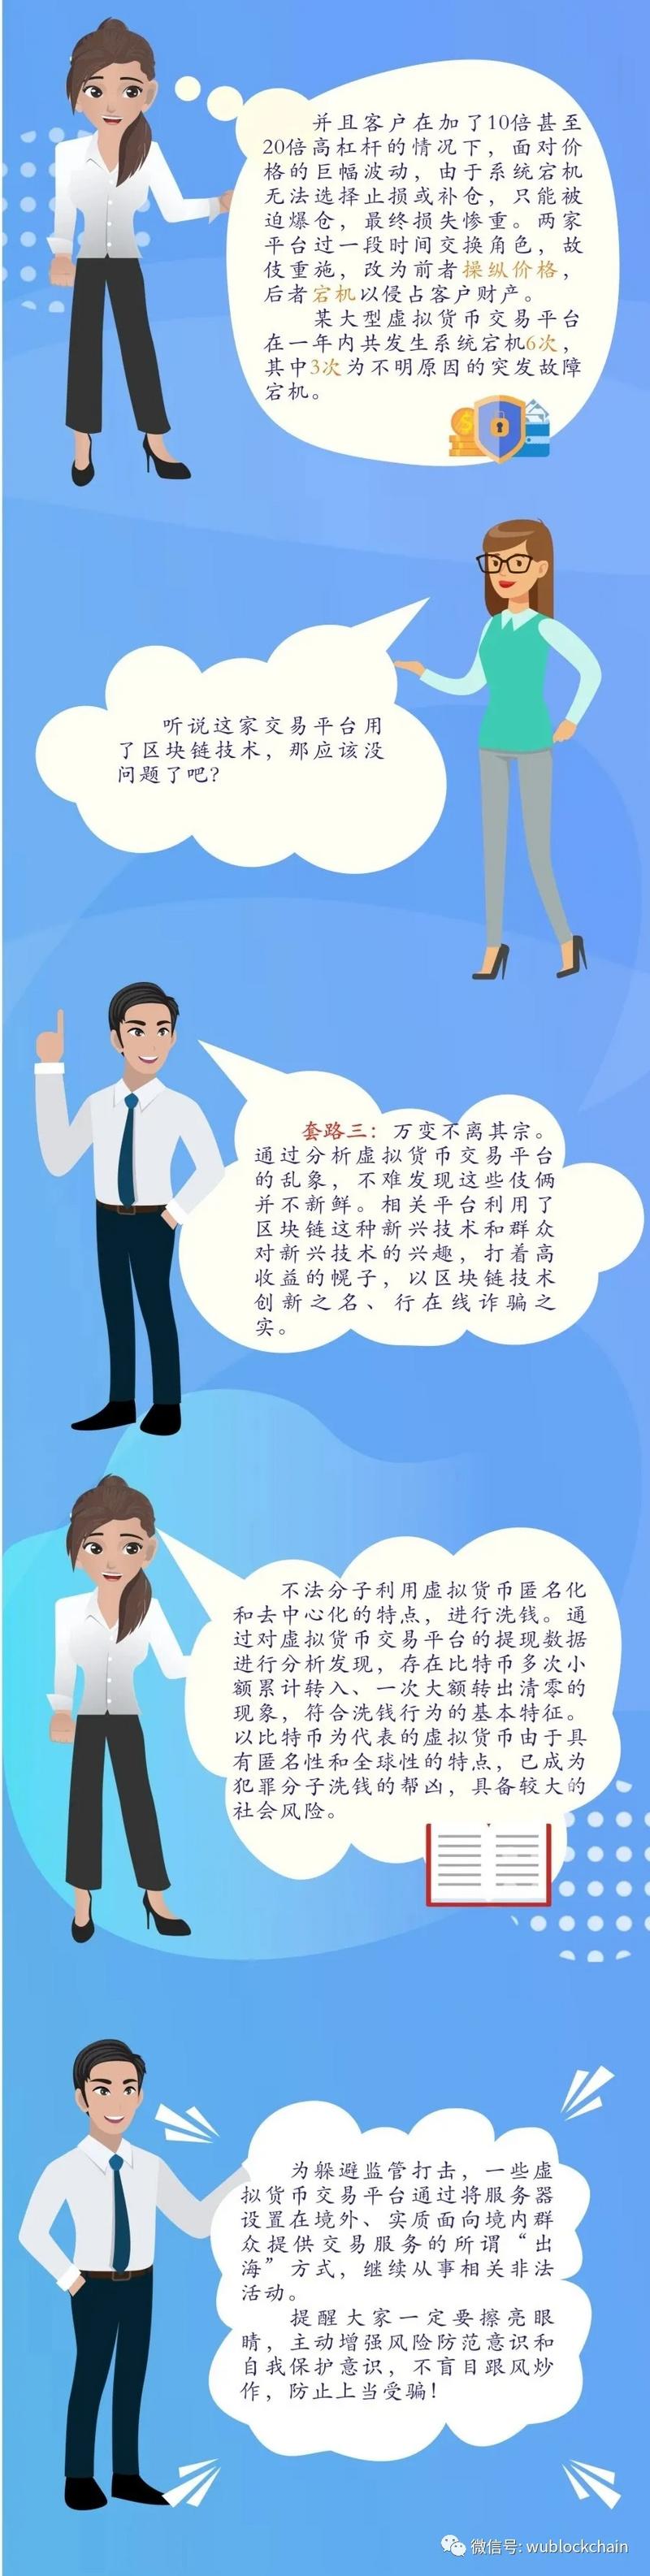 央行发315警告:指虚拟货币交易所刷量、宕机、洗钱_LibraChina_LibraChina